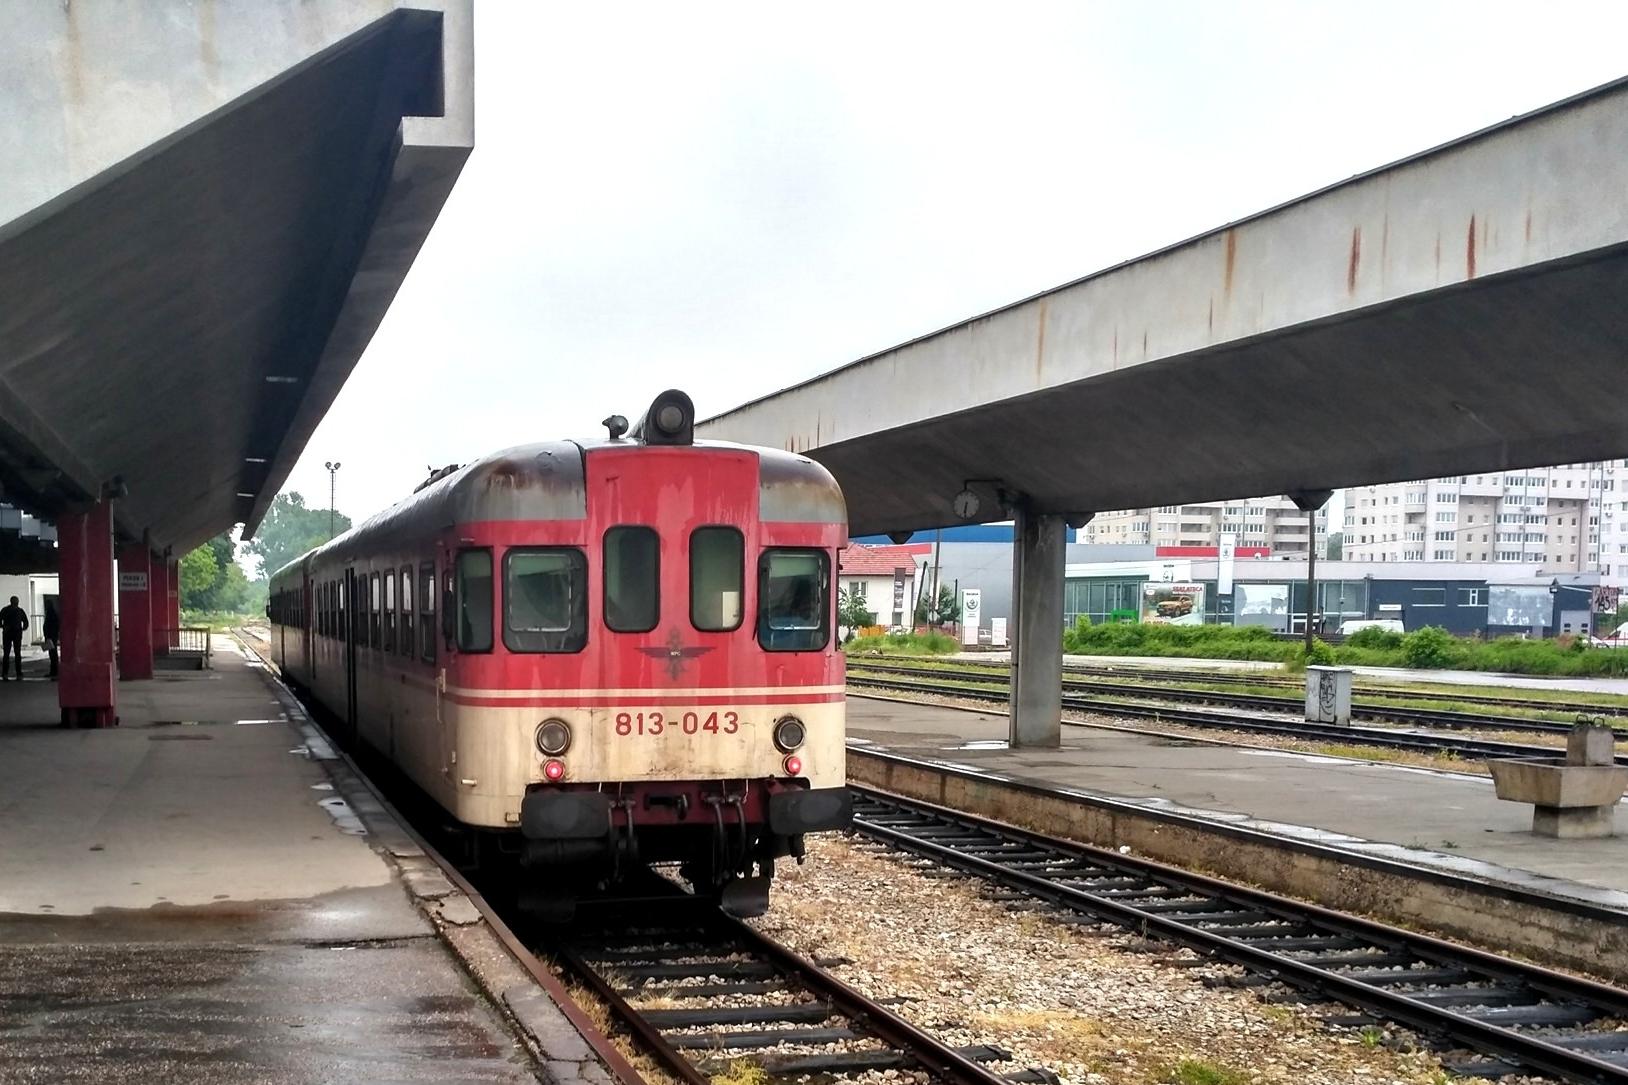 Pociąg kolei Republiki Serbskiej Bośni i Hercegowiny